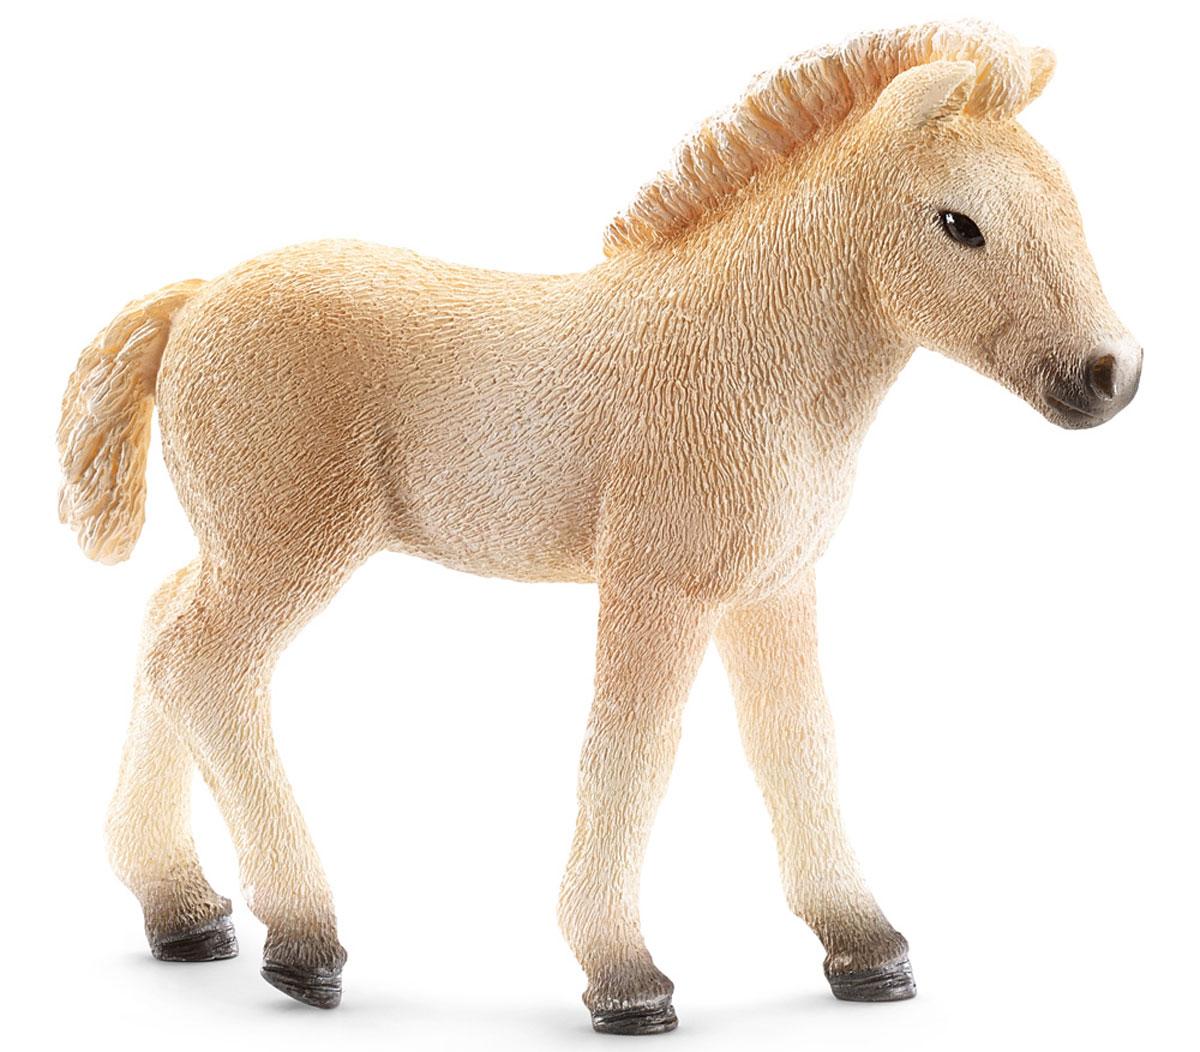 Schleich Фигурка Фьордский жеребенок schleich schleich жеребенок клейдесдальской породы серия лошади